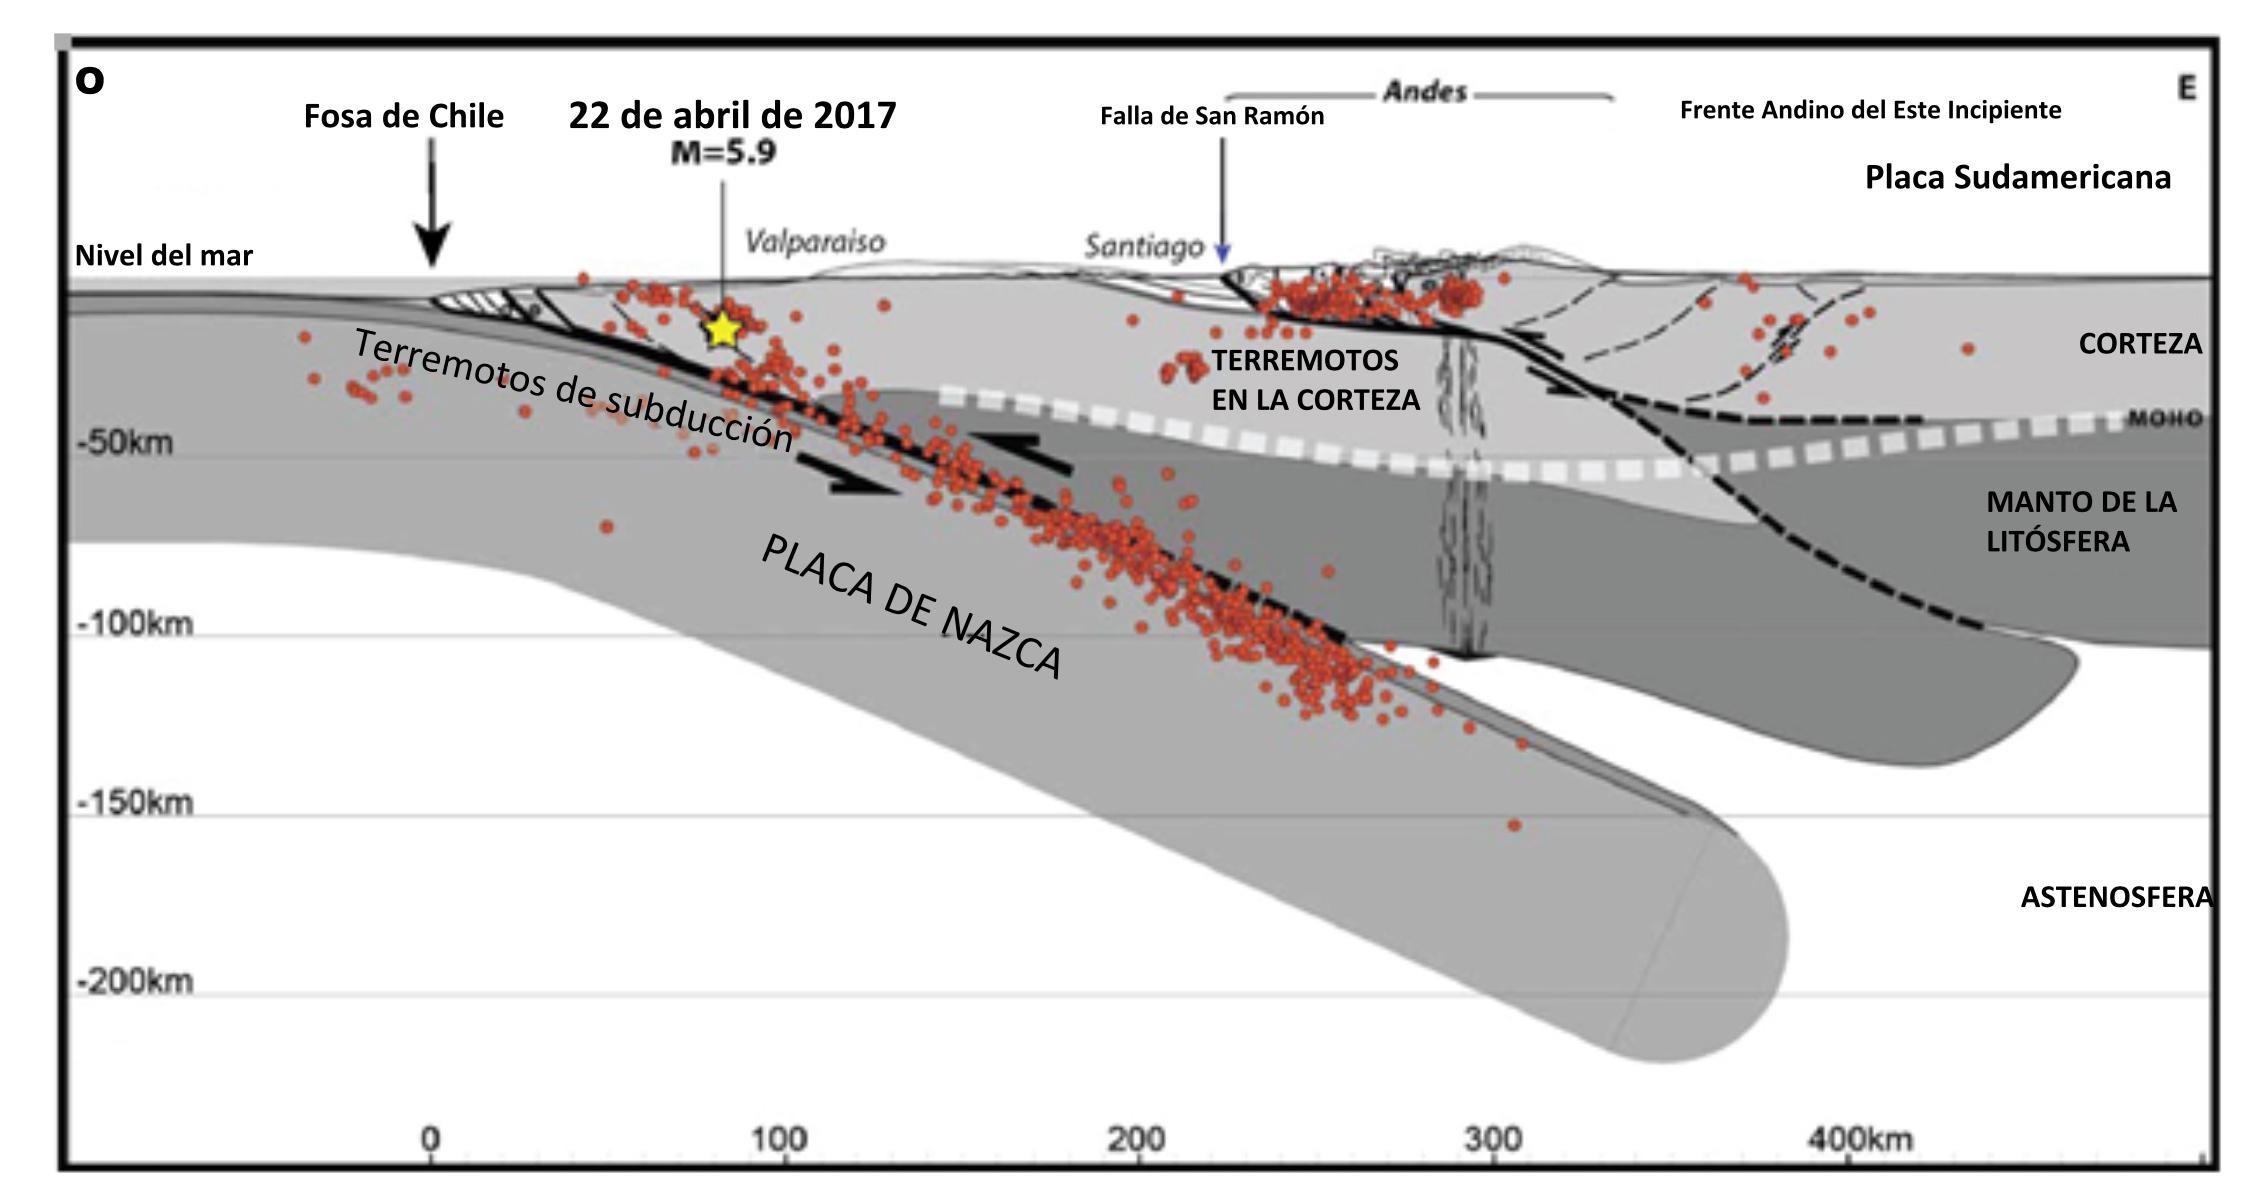 Subducción de la Placa de Nazca por debajo de la Placa Sudamericana deformada y con la falla formada, a partir de Armijo et. Al (2010). Santiago yace al pie de los Andes. Los puntos rojos muestran mejor ubicados de terremotos de M≥4.0 durante el periodo de 2000–2005, por parte del Servicio Sismológico Nacional de la Universidad de Chile.